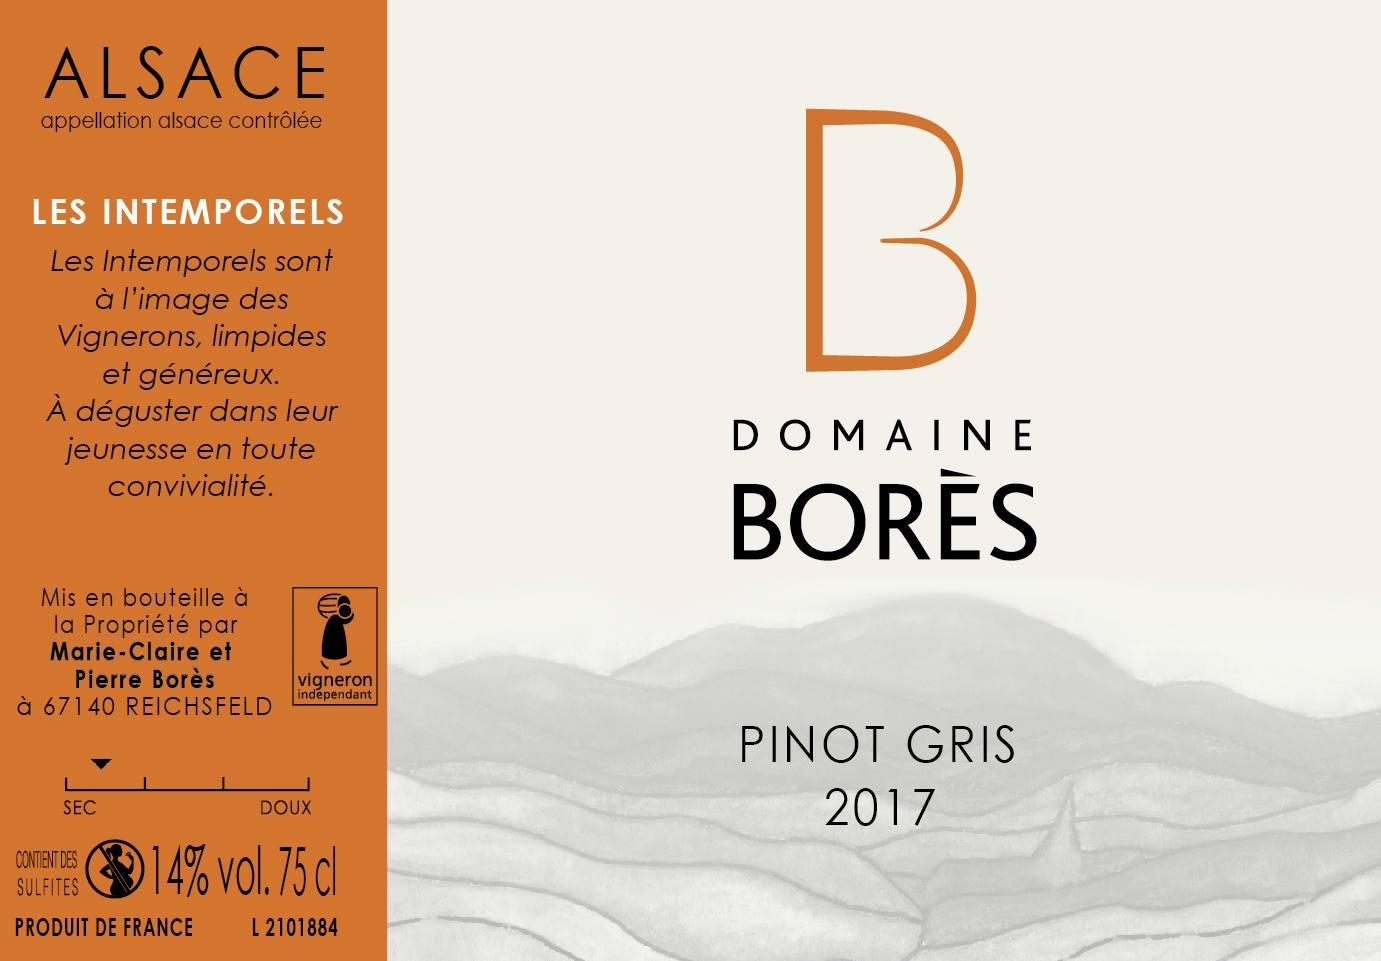 Étiquette vin Alsace Pinot Gris 2017 Domaine Borès